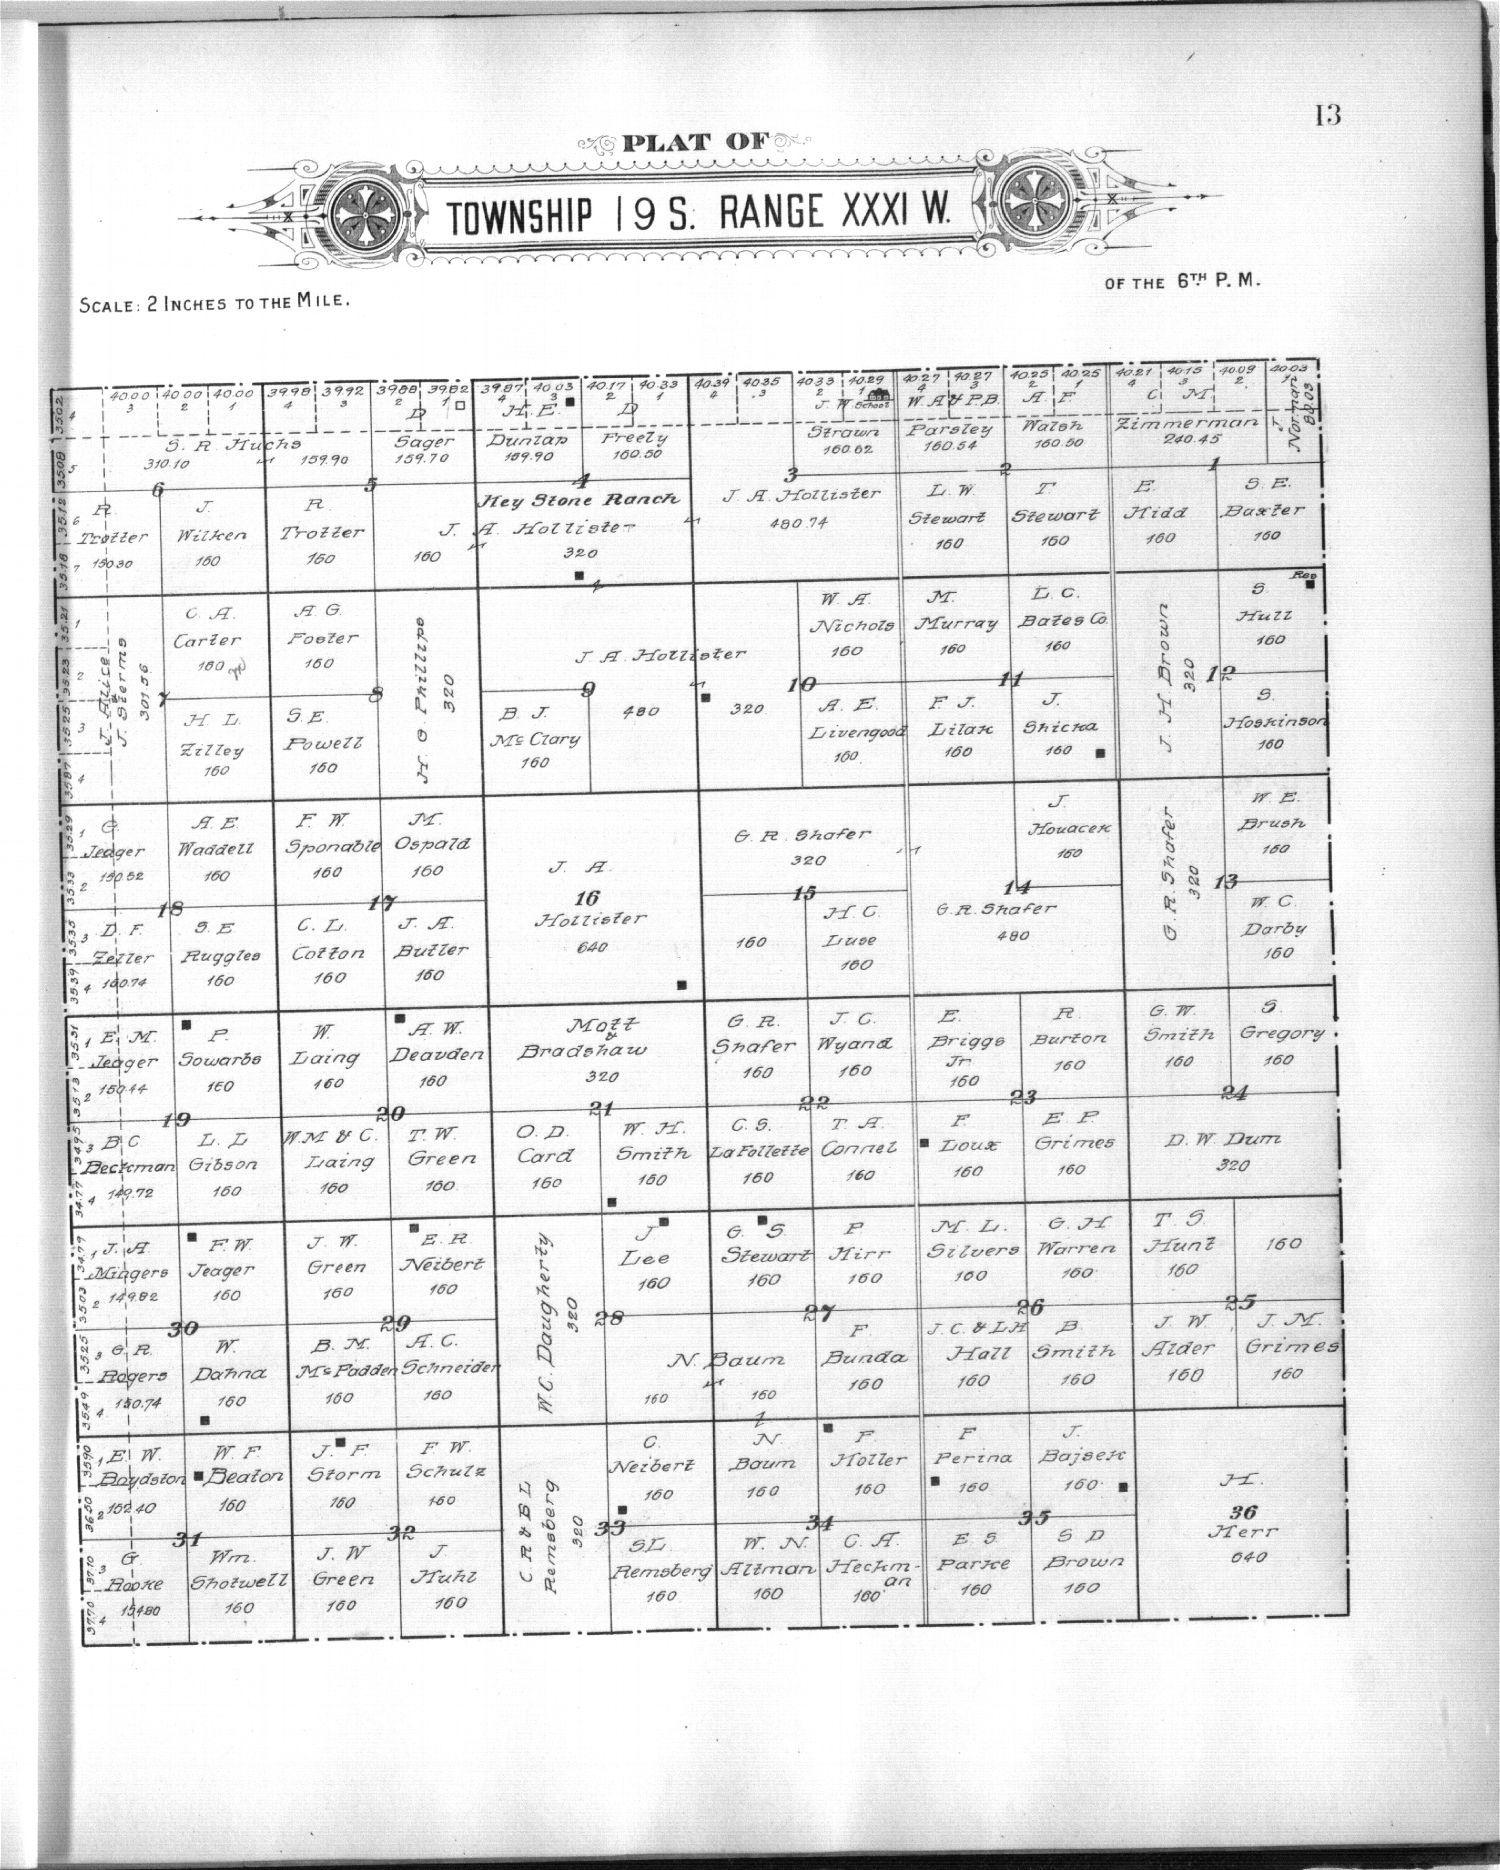 Plat book of Scott County, Kansas - 7